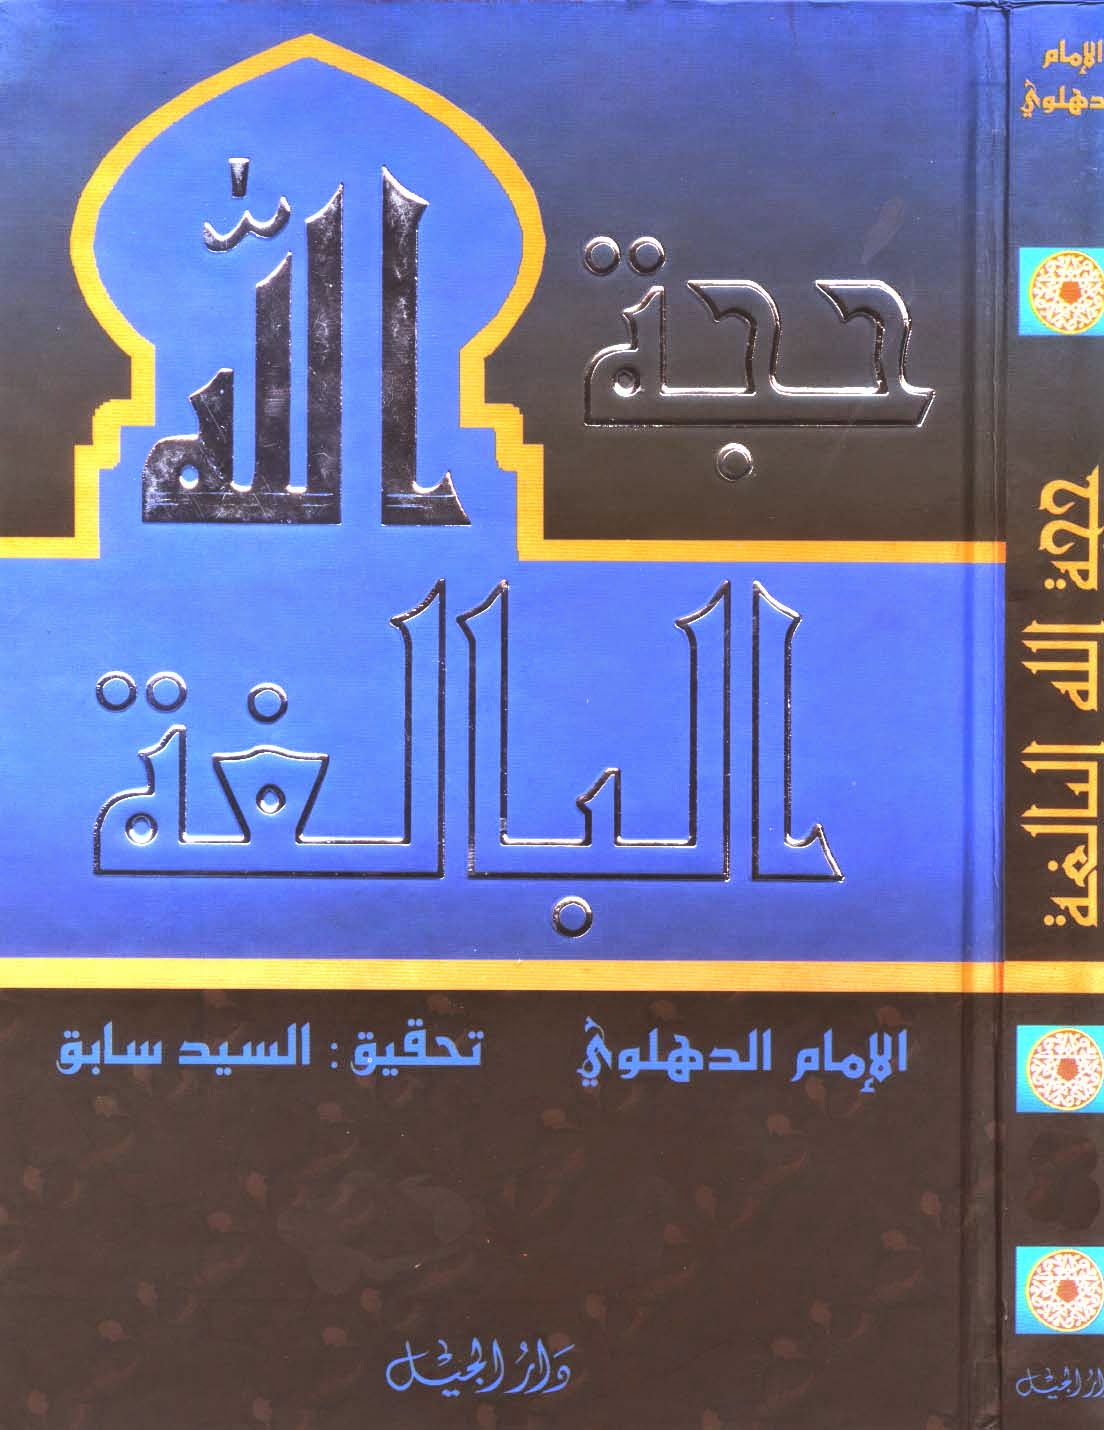 كتاب حجة الله البالغة لـ الإمام الدهلوي